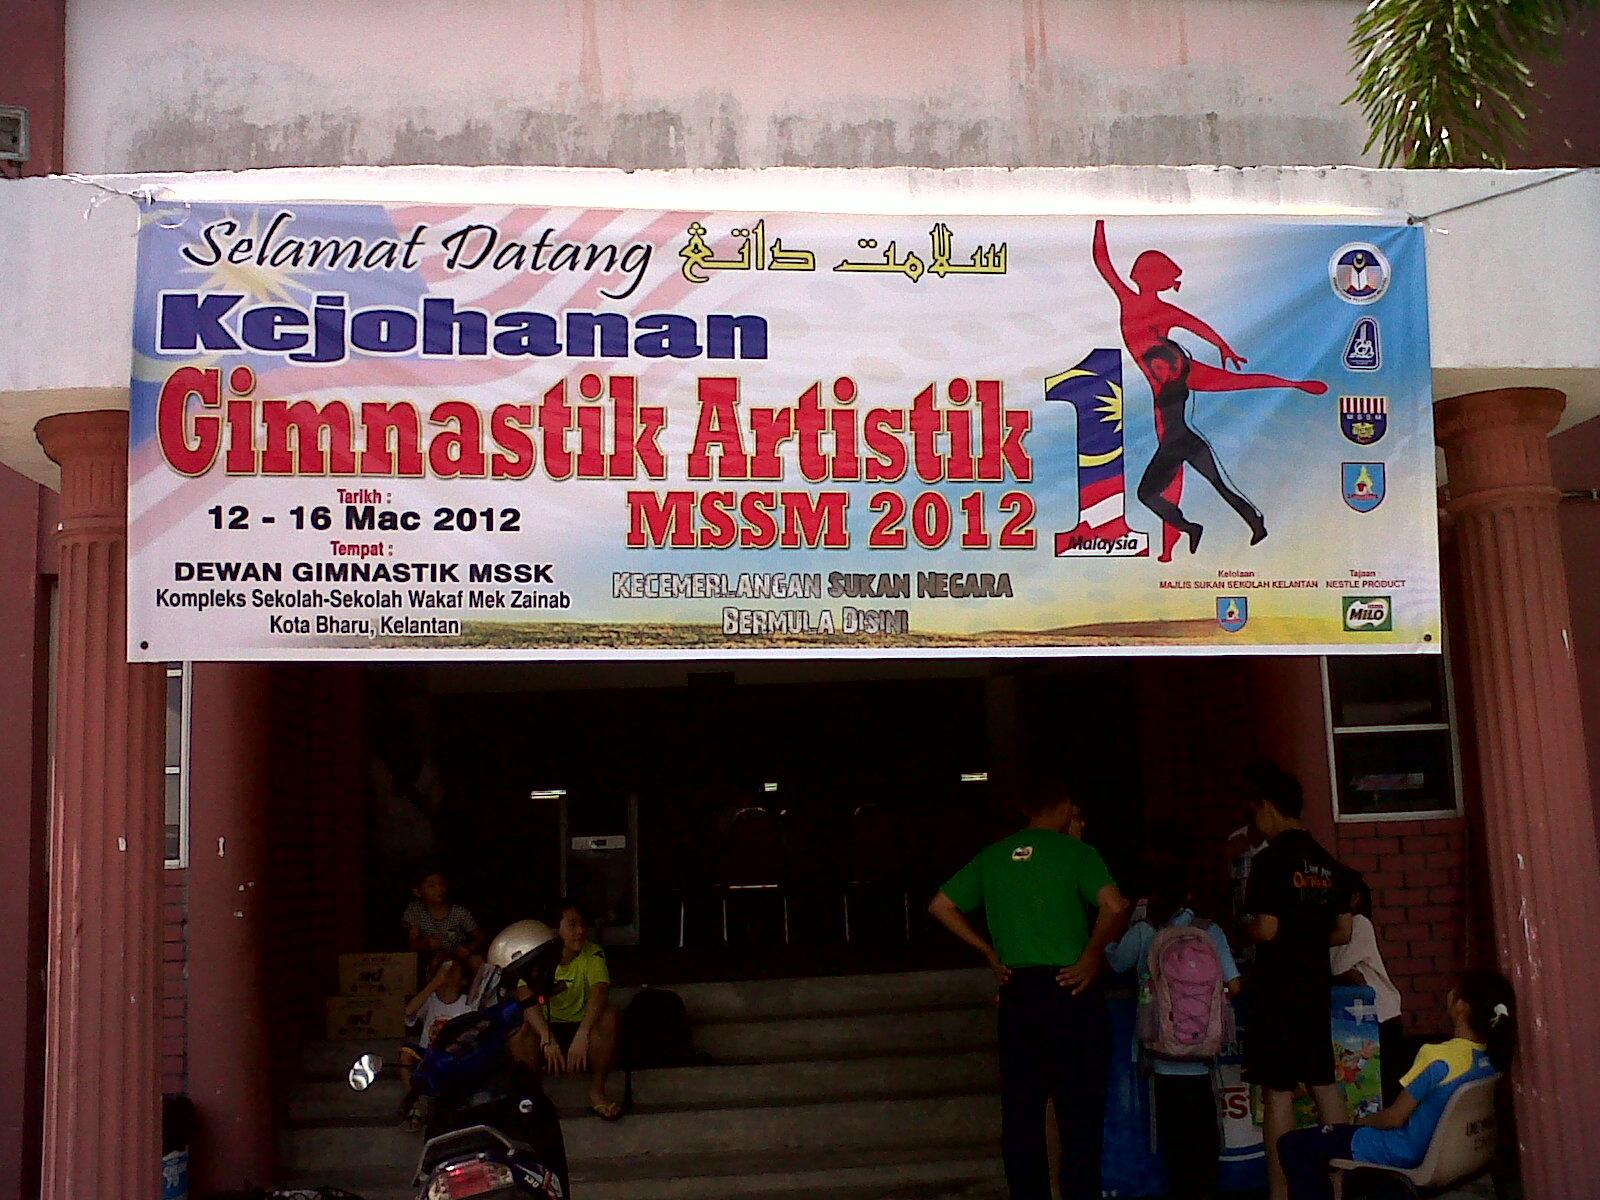 Usptn Kelantan Laporan Pemantauan Kej Gimnastik Artistik Mssm